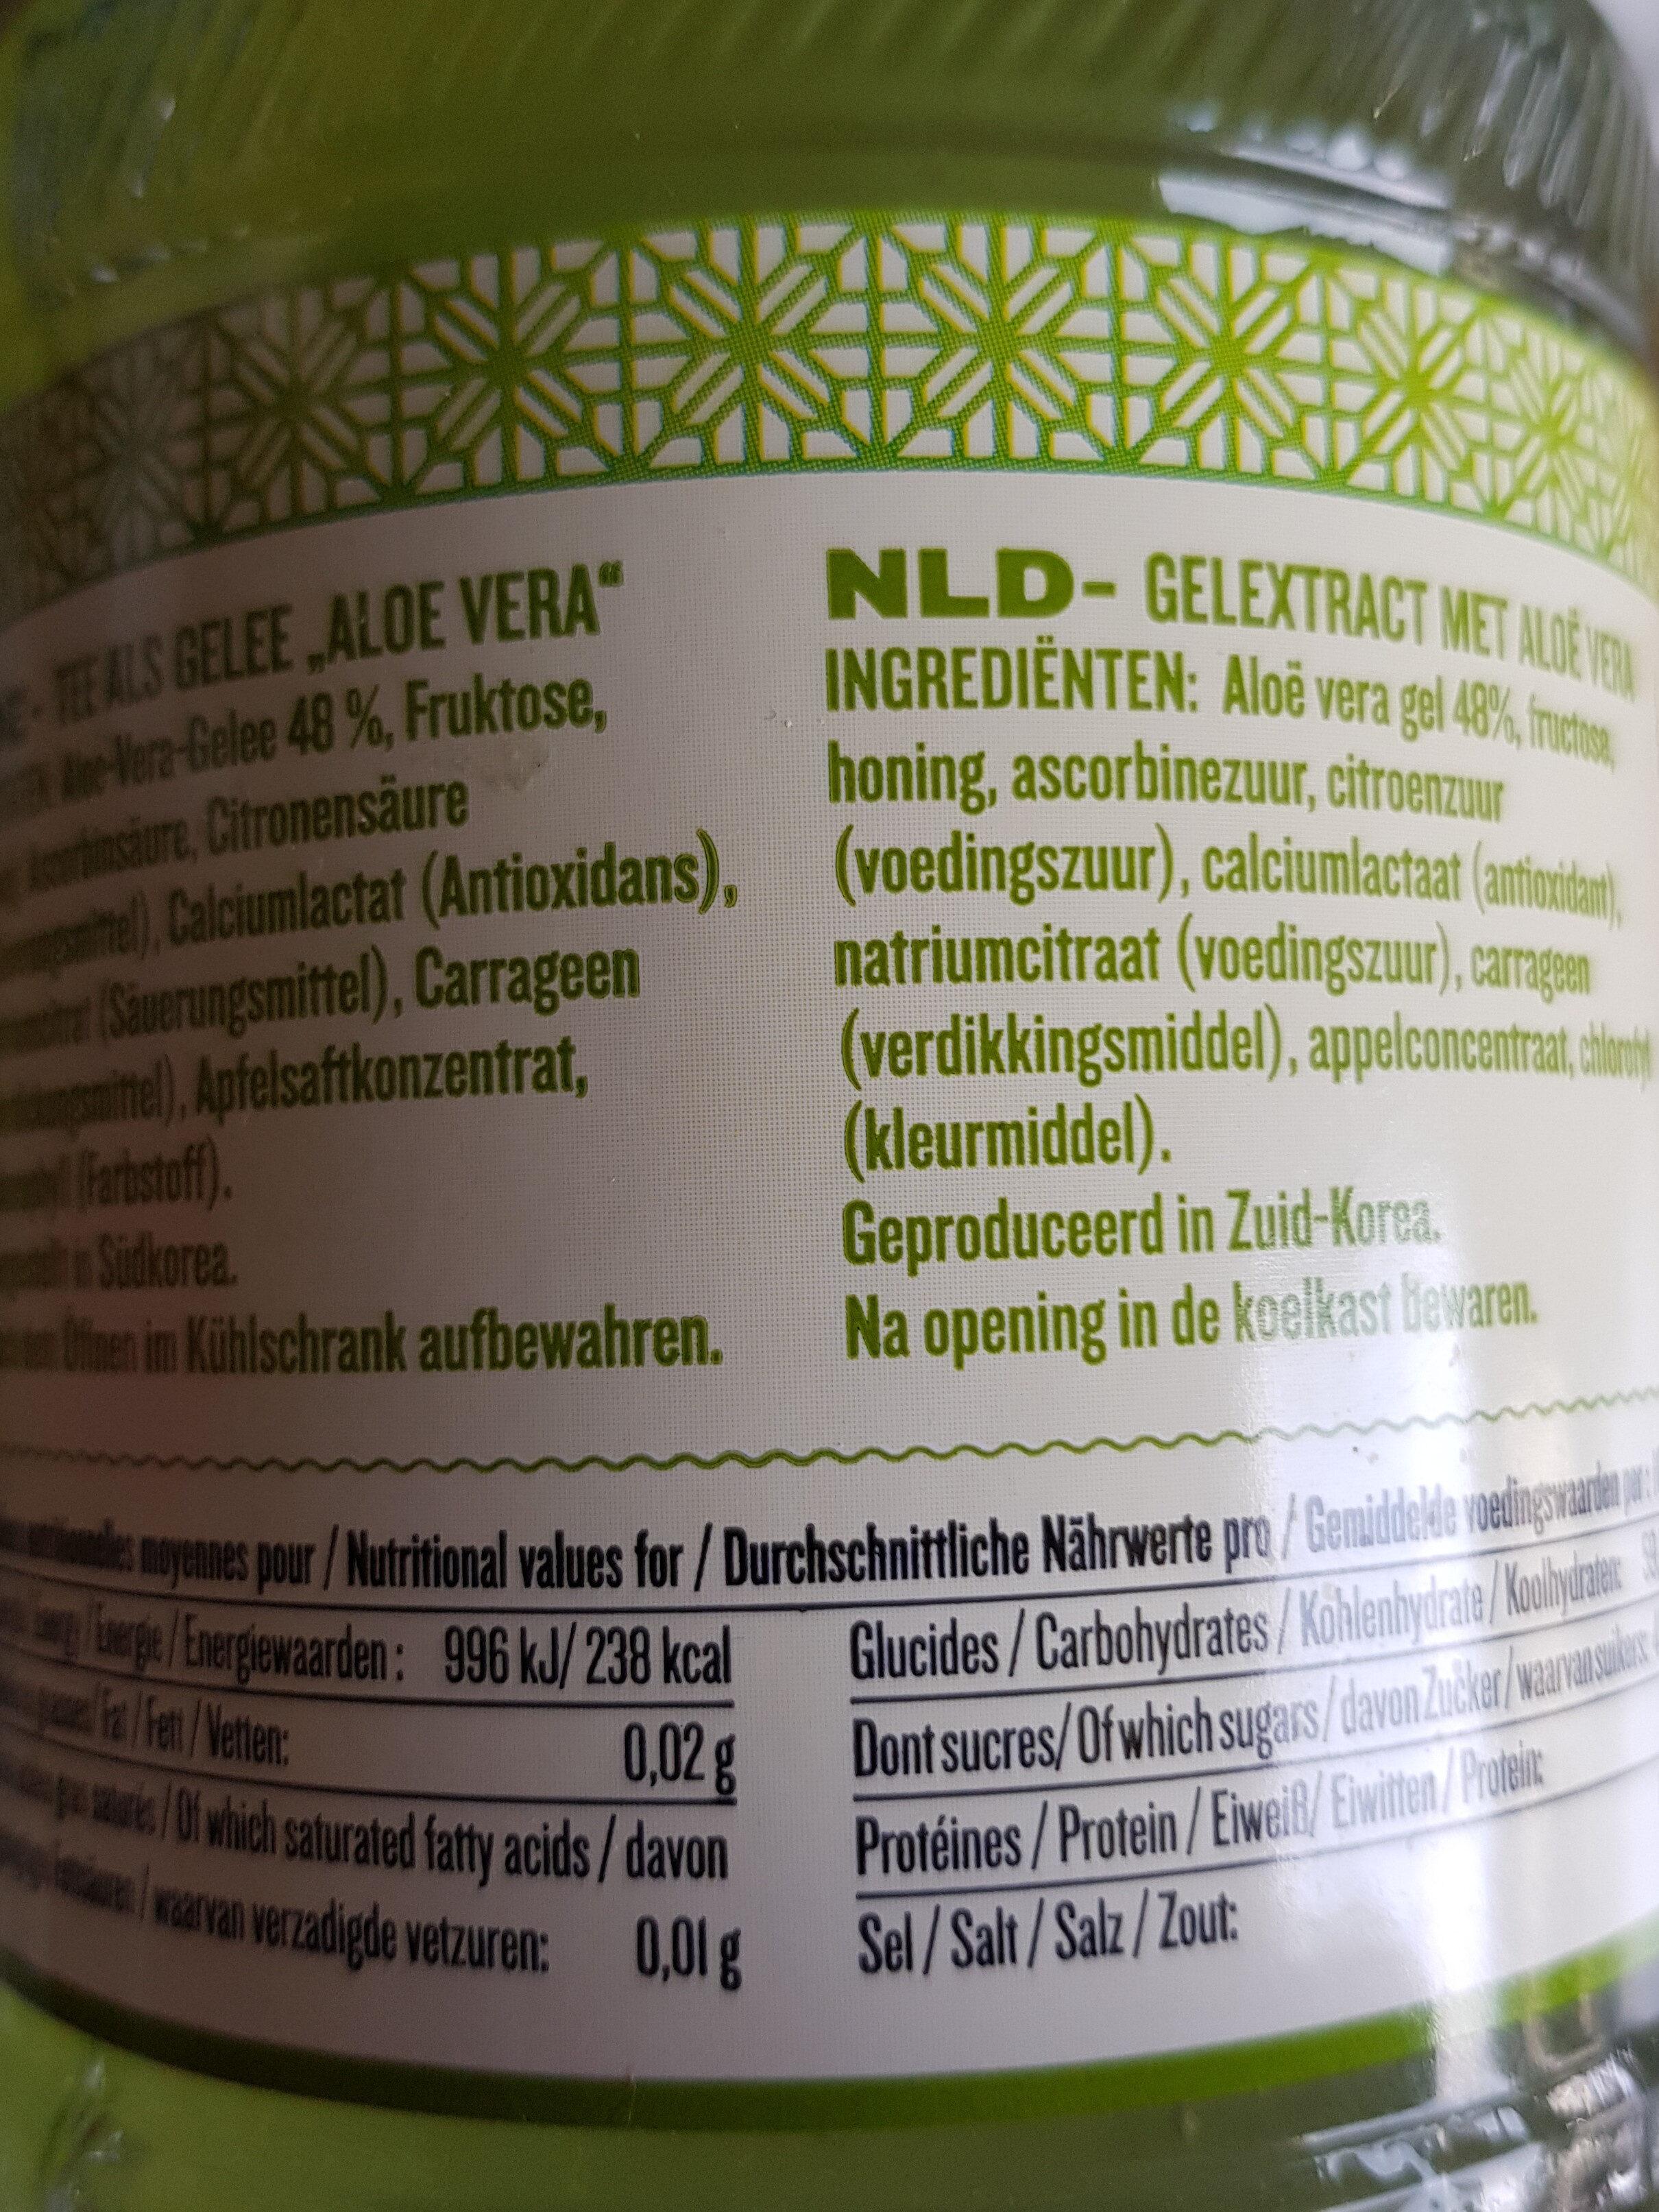 Infusion en gelée Aloé vera - Informations nutritionnelles - fr